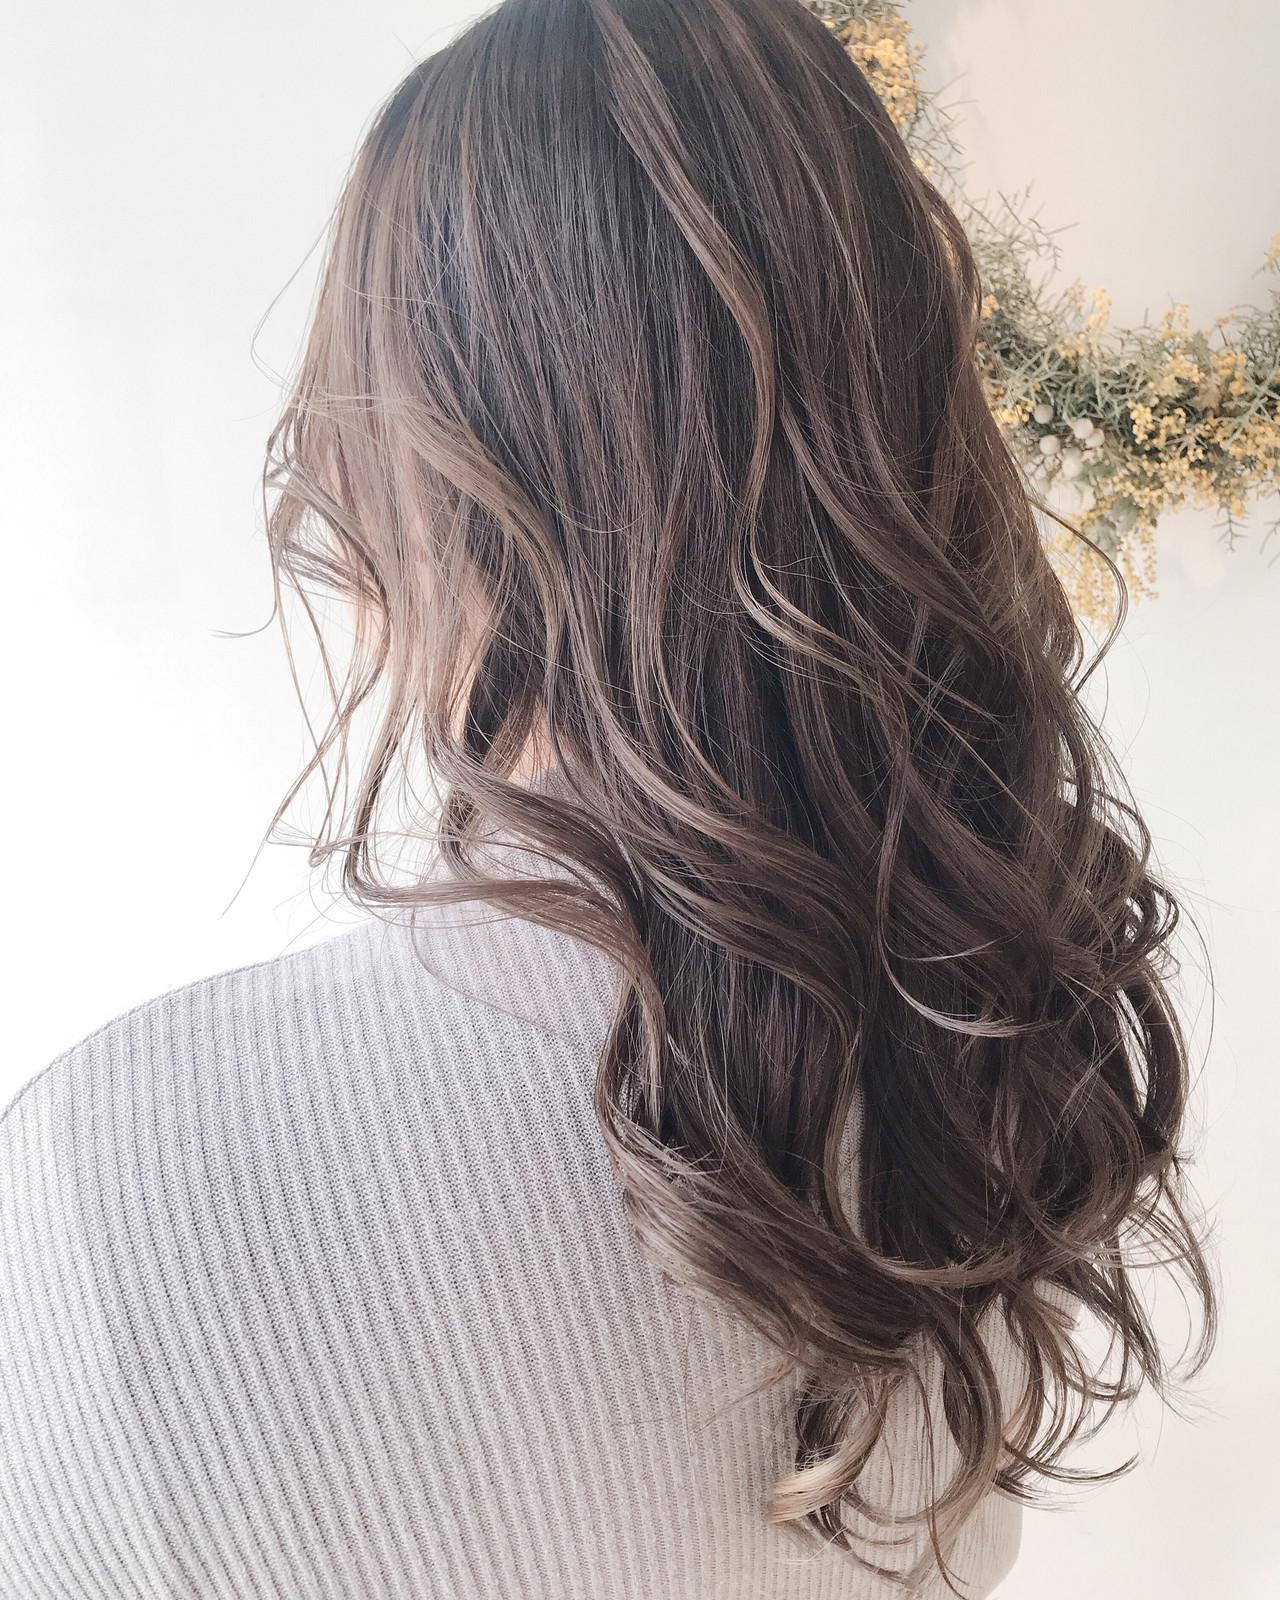 ロング ヘアアレンジ フェミニン 春スタイル ヘアスタイルや髪型の写真・画像